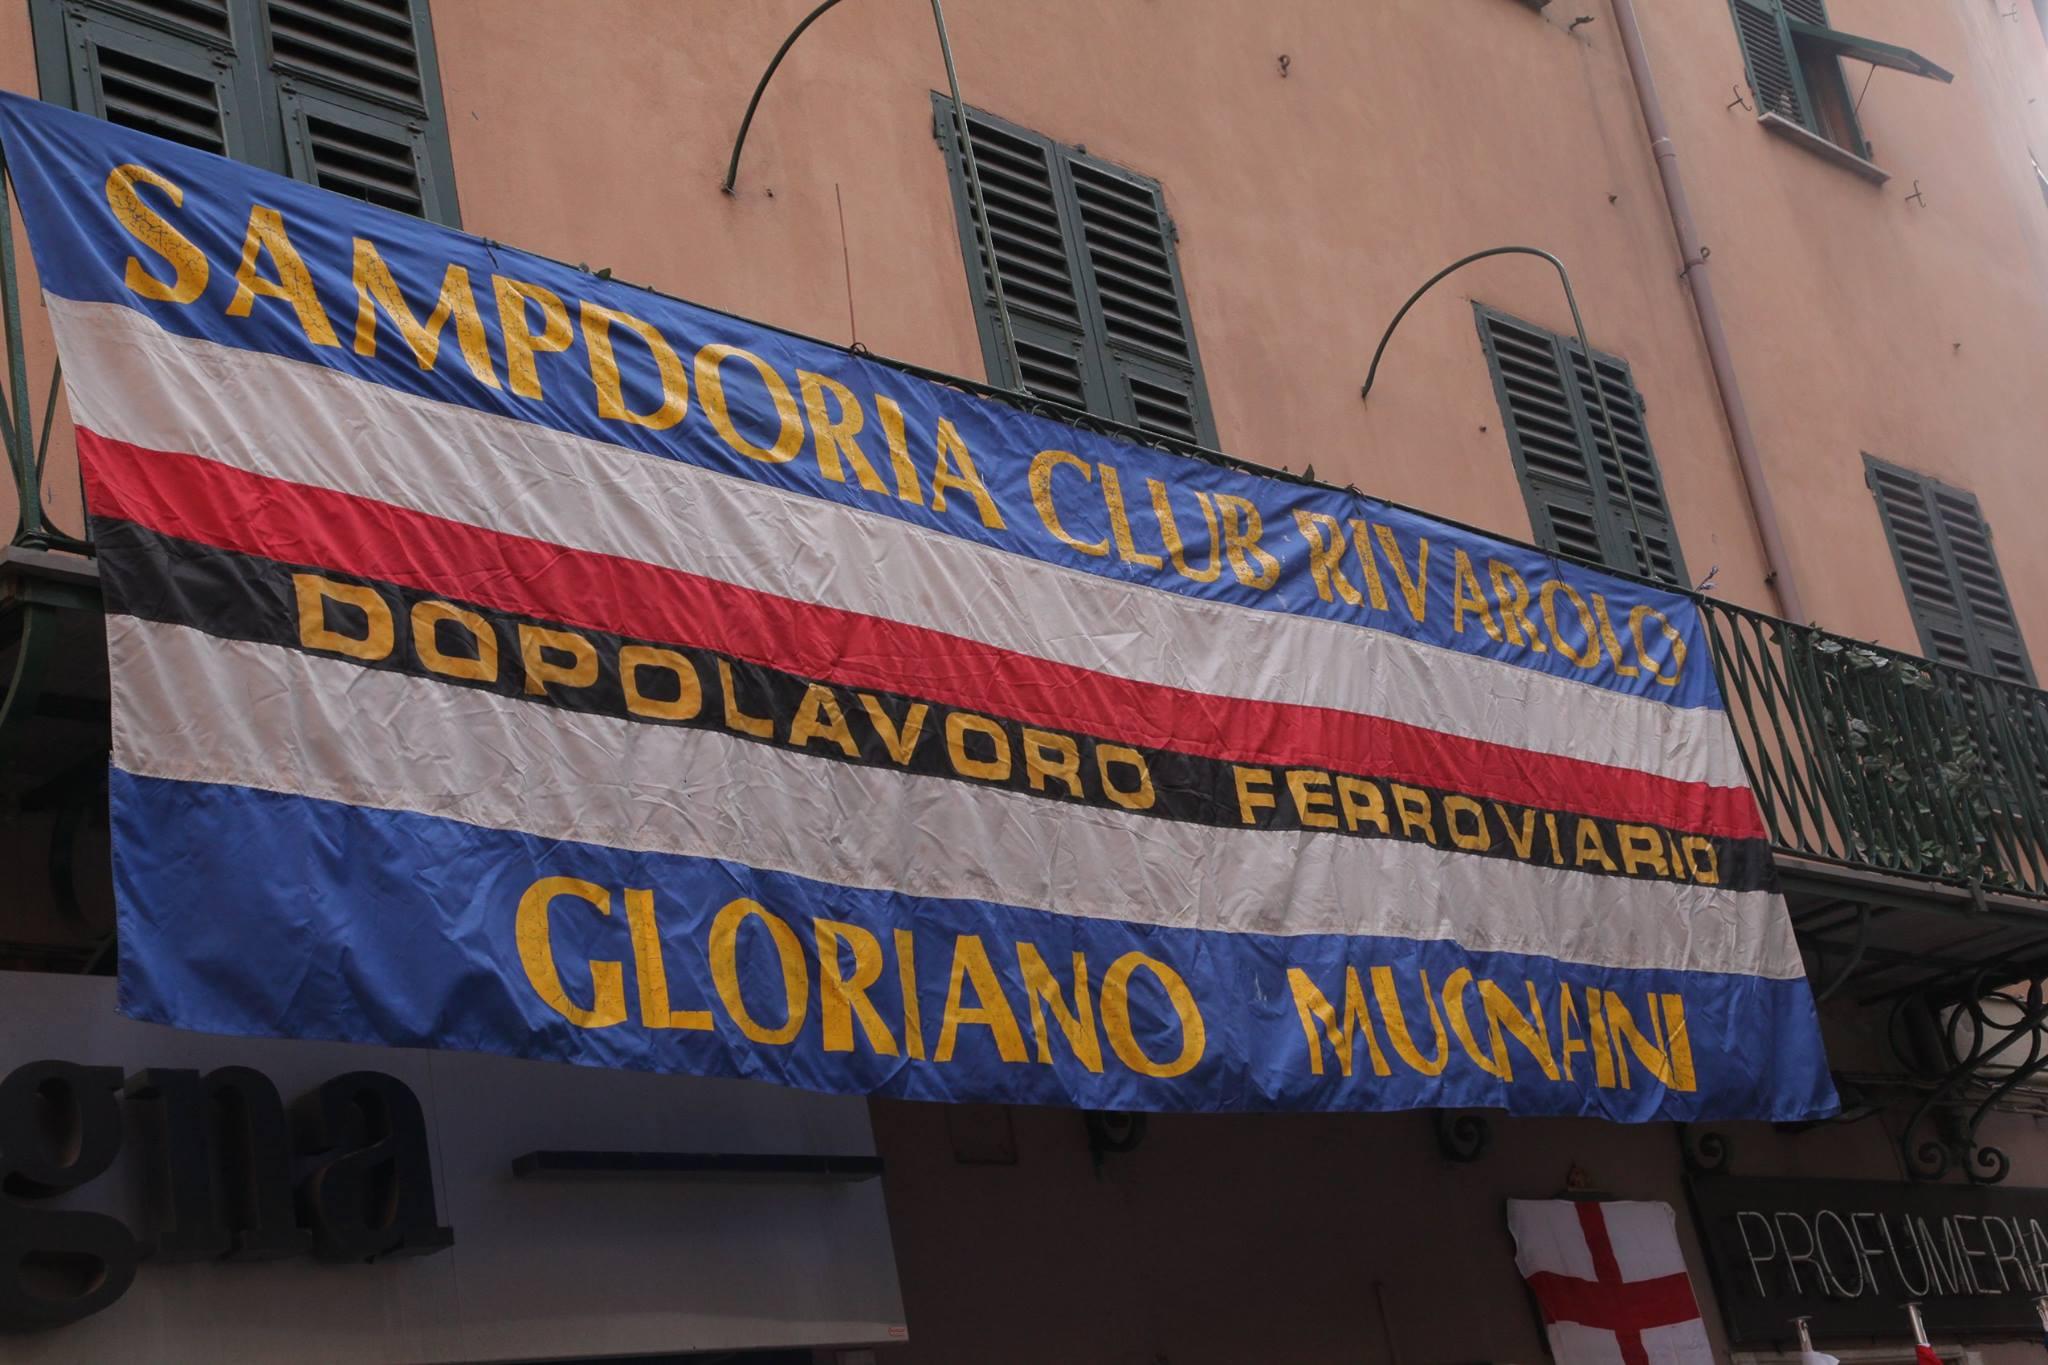 sampdoria Mugnaini